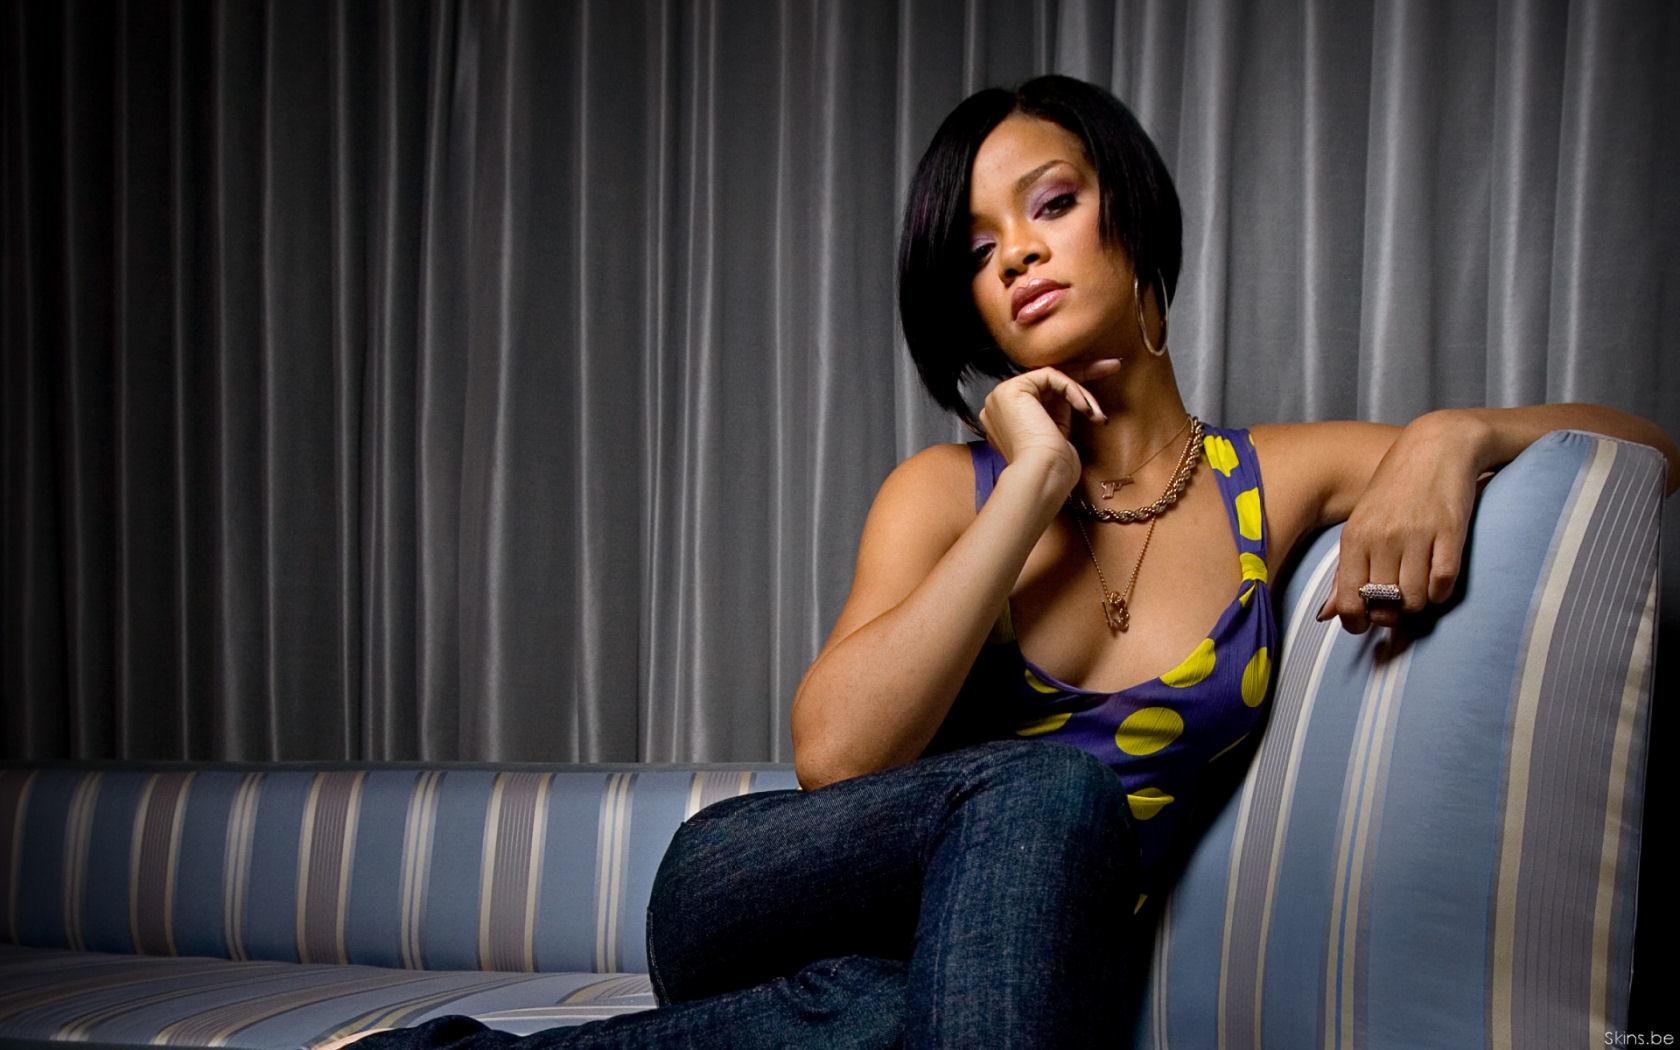 Destiny Wallpaper Hd Fondos De Pantalla De Rihanna Wallpapers